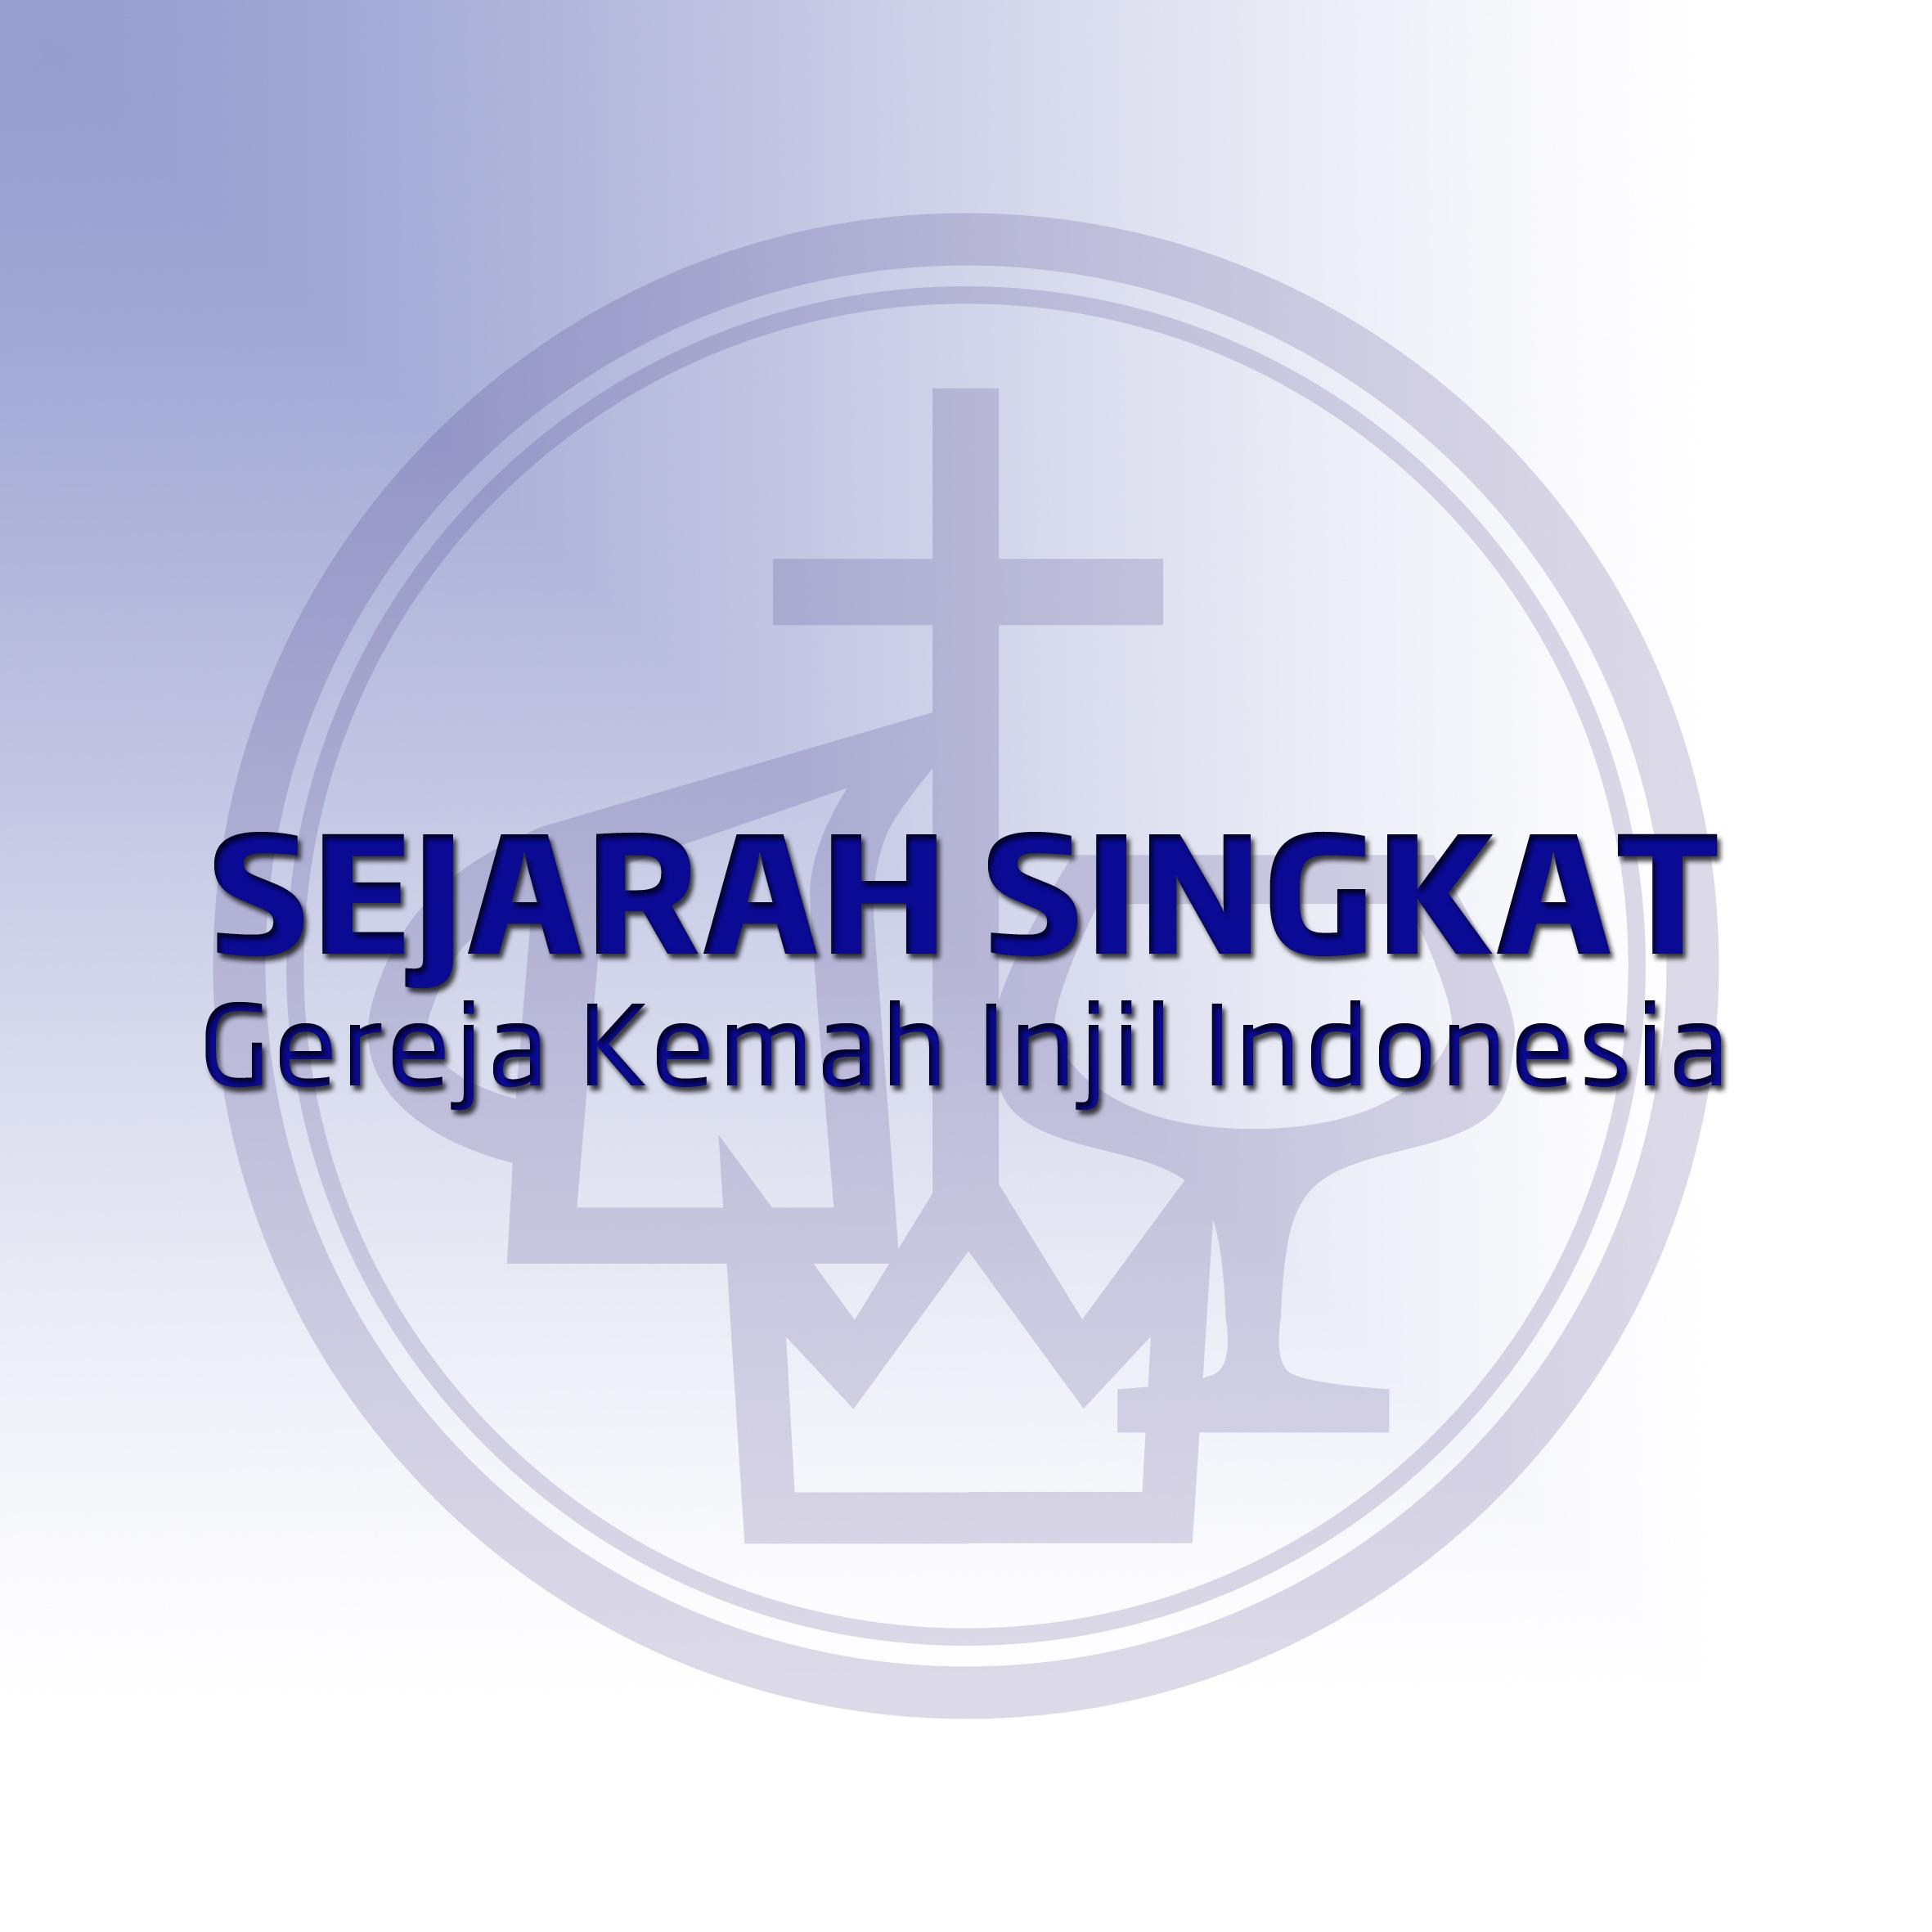 Sejarah Singkat Gereja Kemah Injil Indonesia dalam Kronologi Waktu